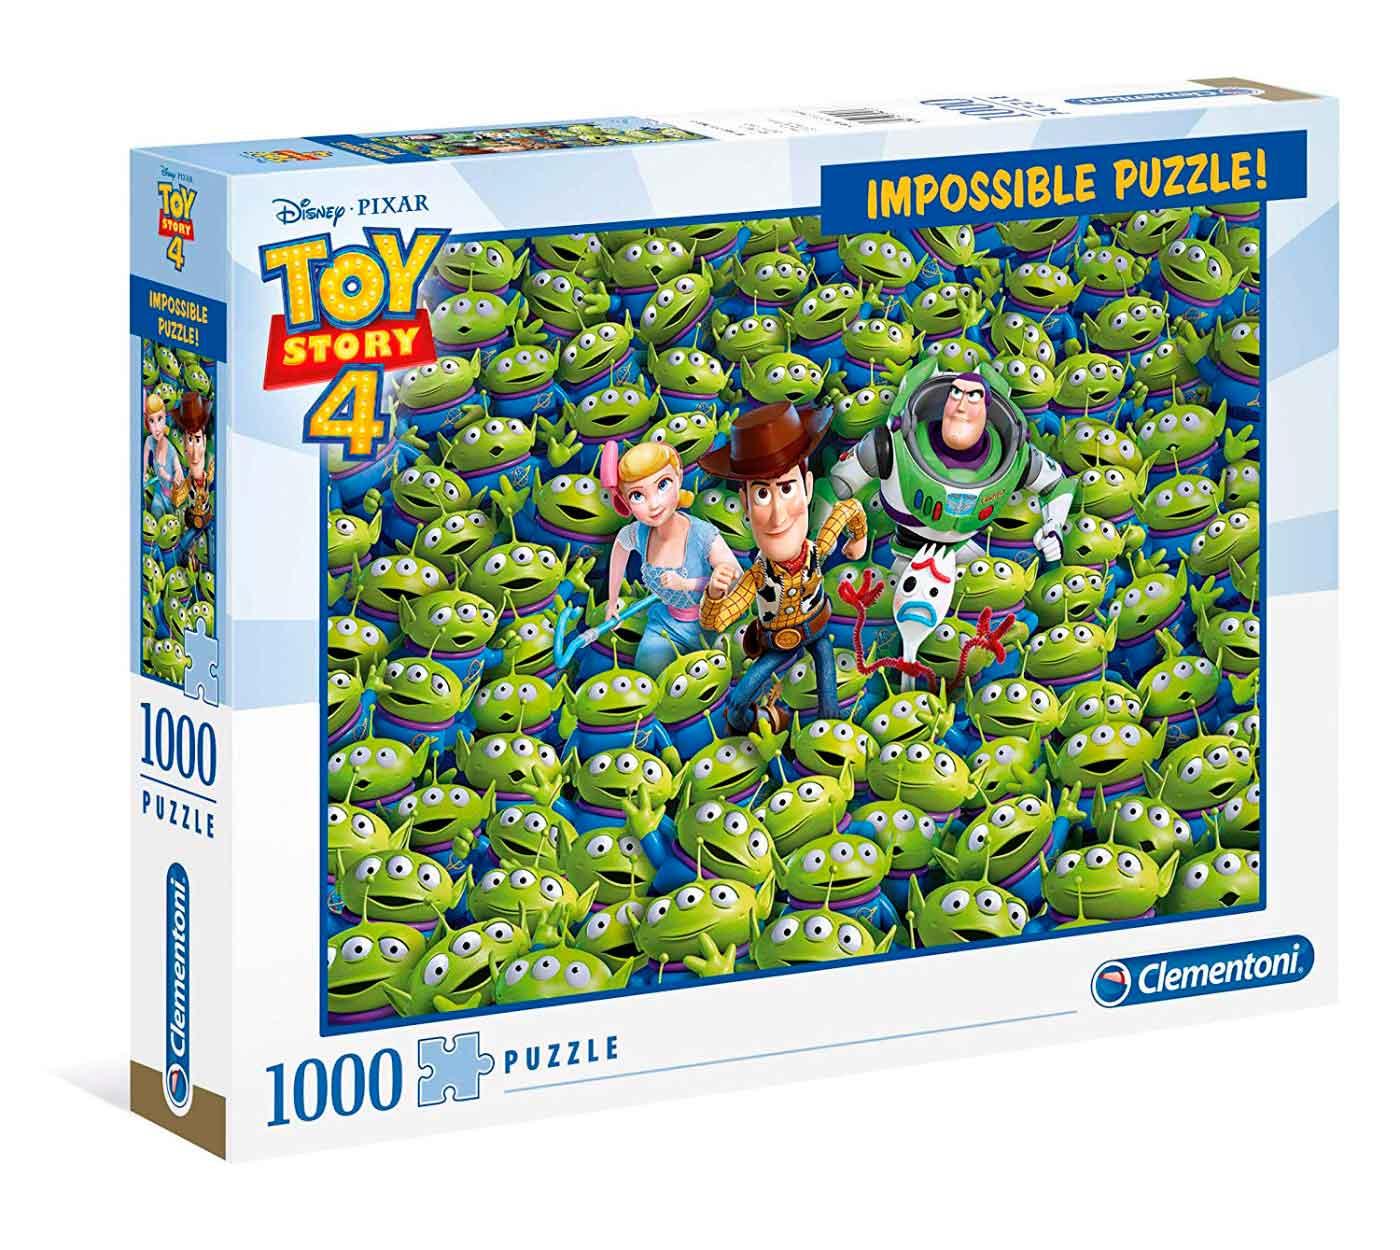 Puzzle Clementoni Imposible Toy Story 4 de 1000 Piezas